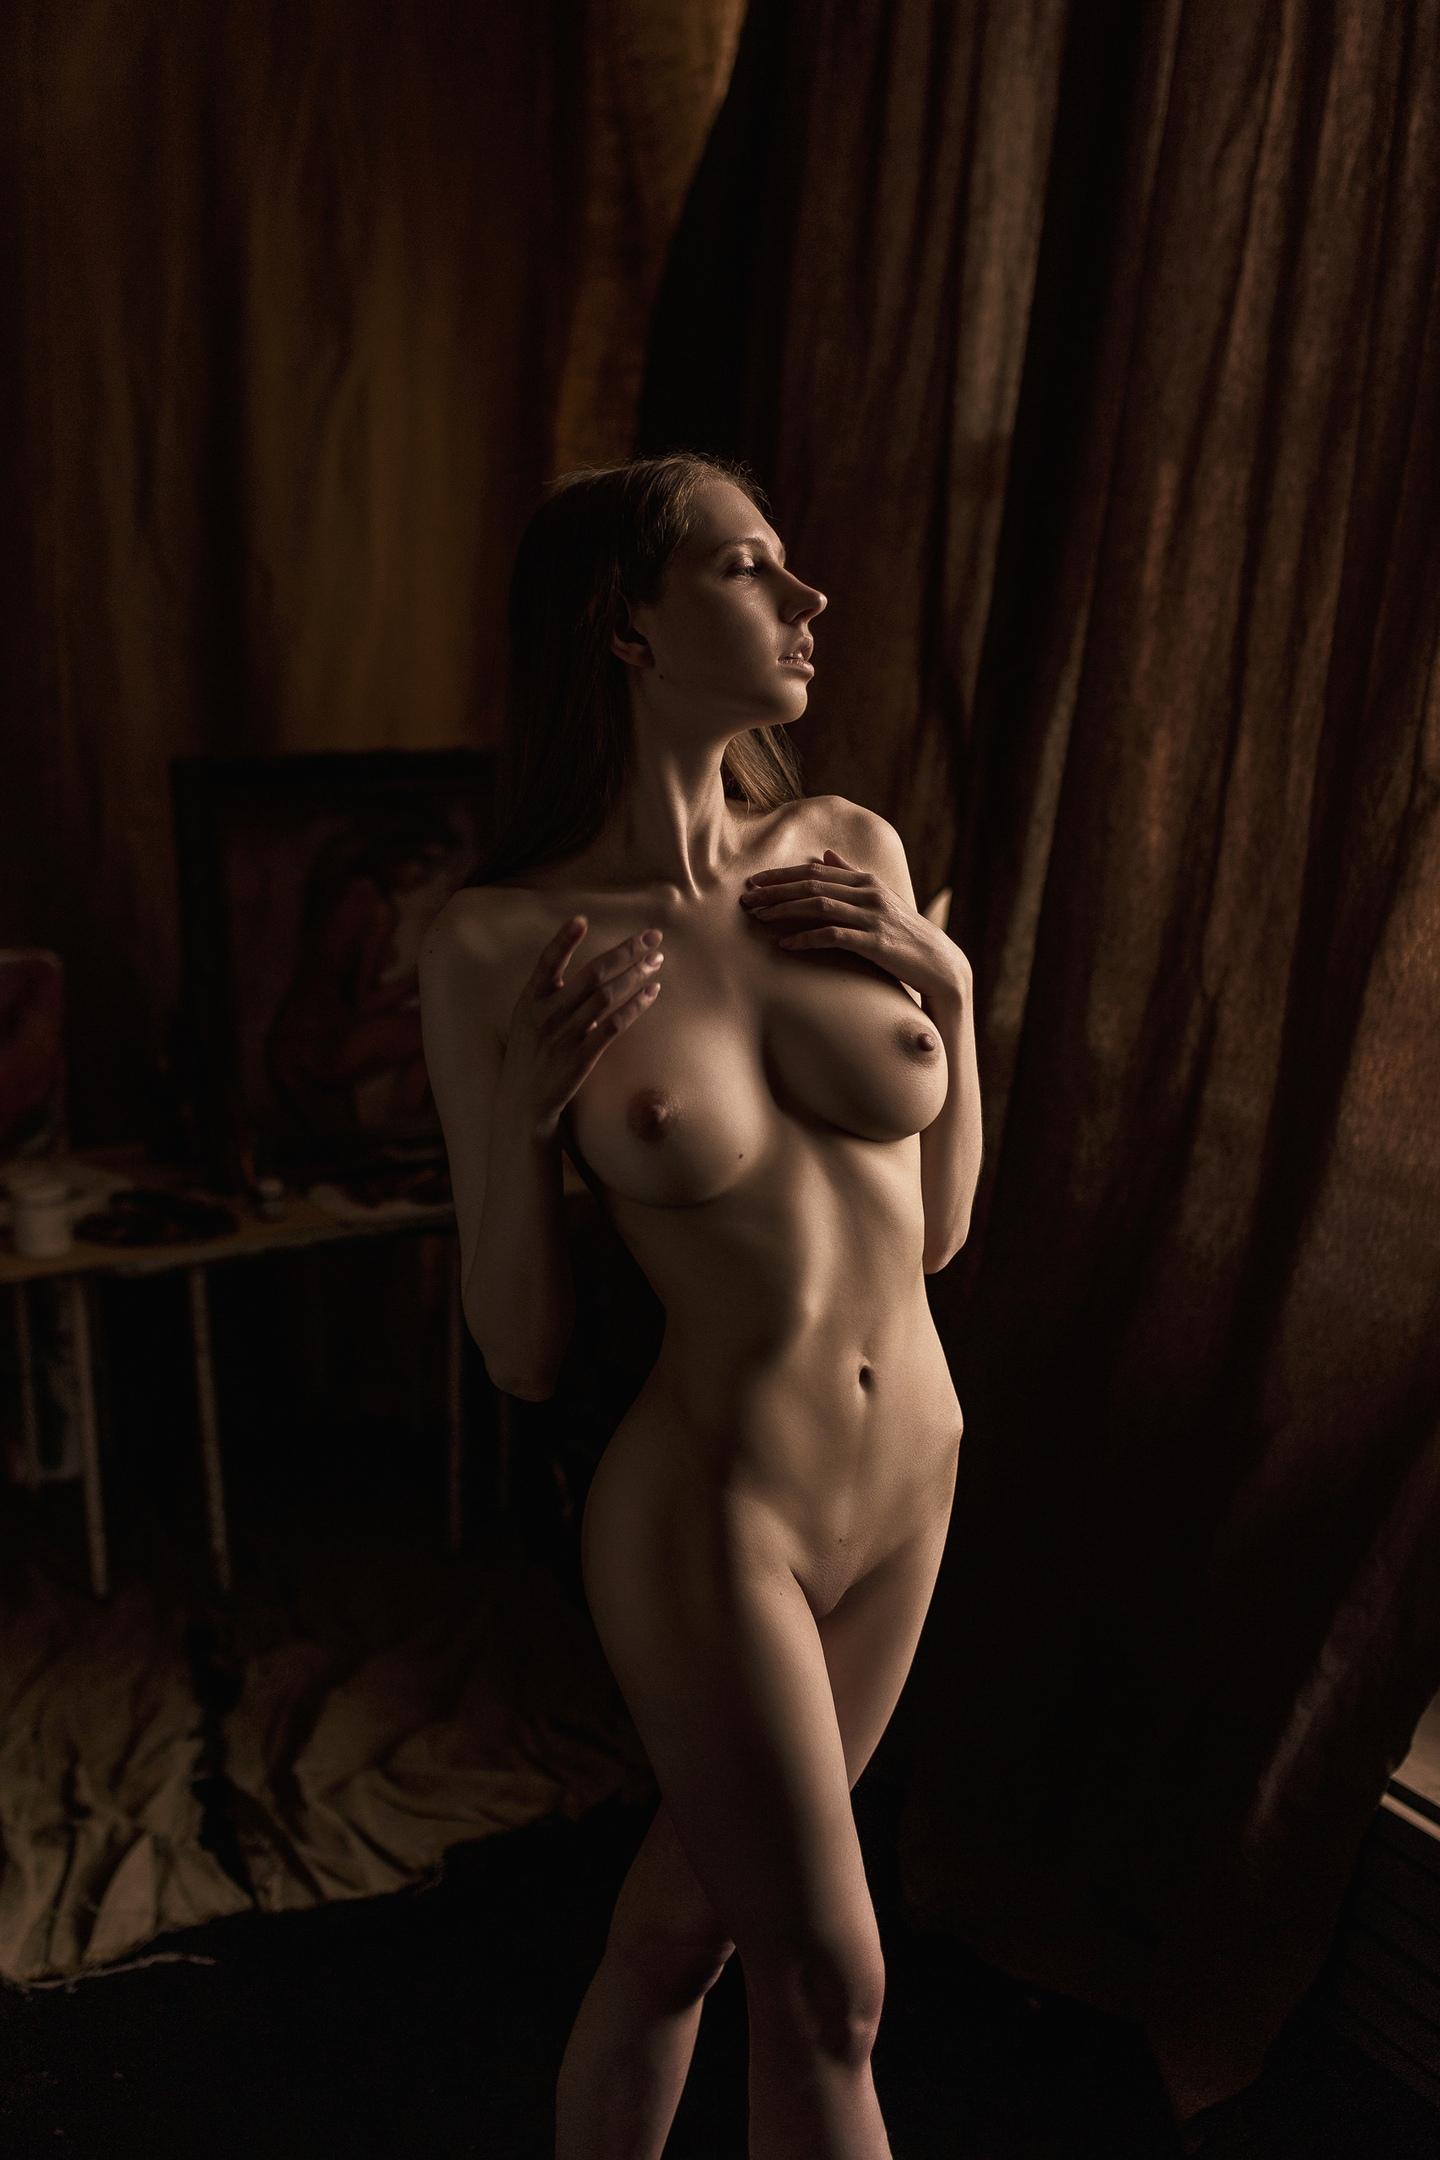 Katerina Reich - Stanislav Zemlyanoy photoshoot